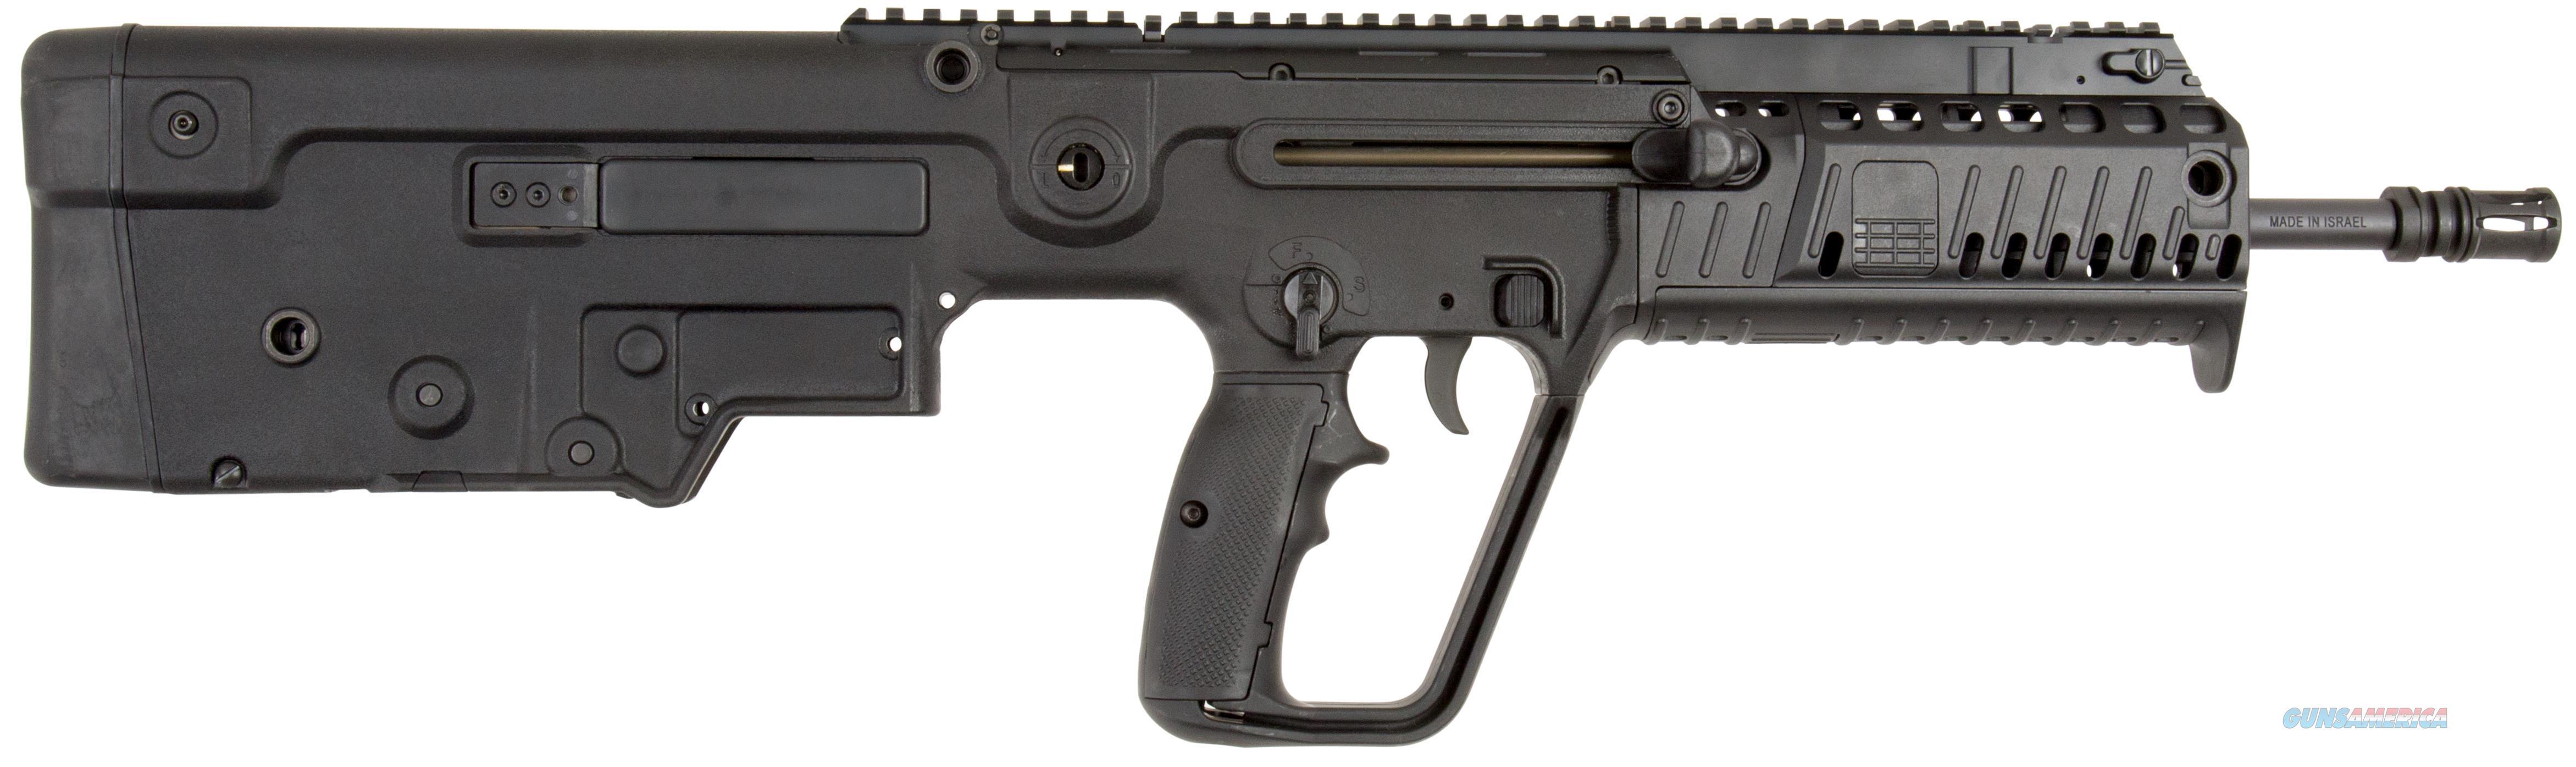 """Iwi Usa Tavor X95-Xb16l 5.56 Nato Flattop 16.5"""" Left Hand Black XB16L  Guns > Rifles > IJ Misc Rifles"""